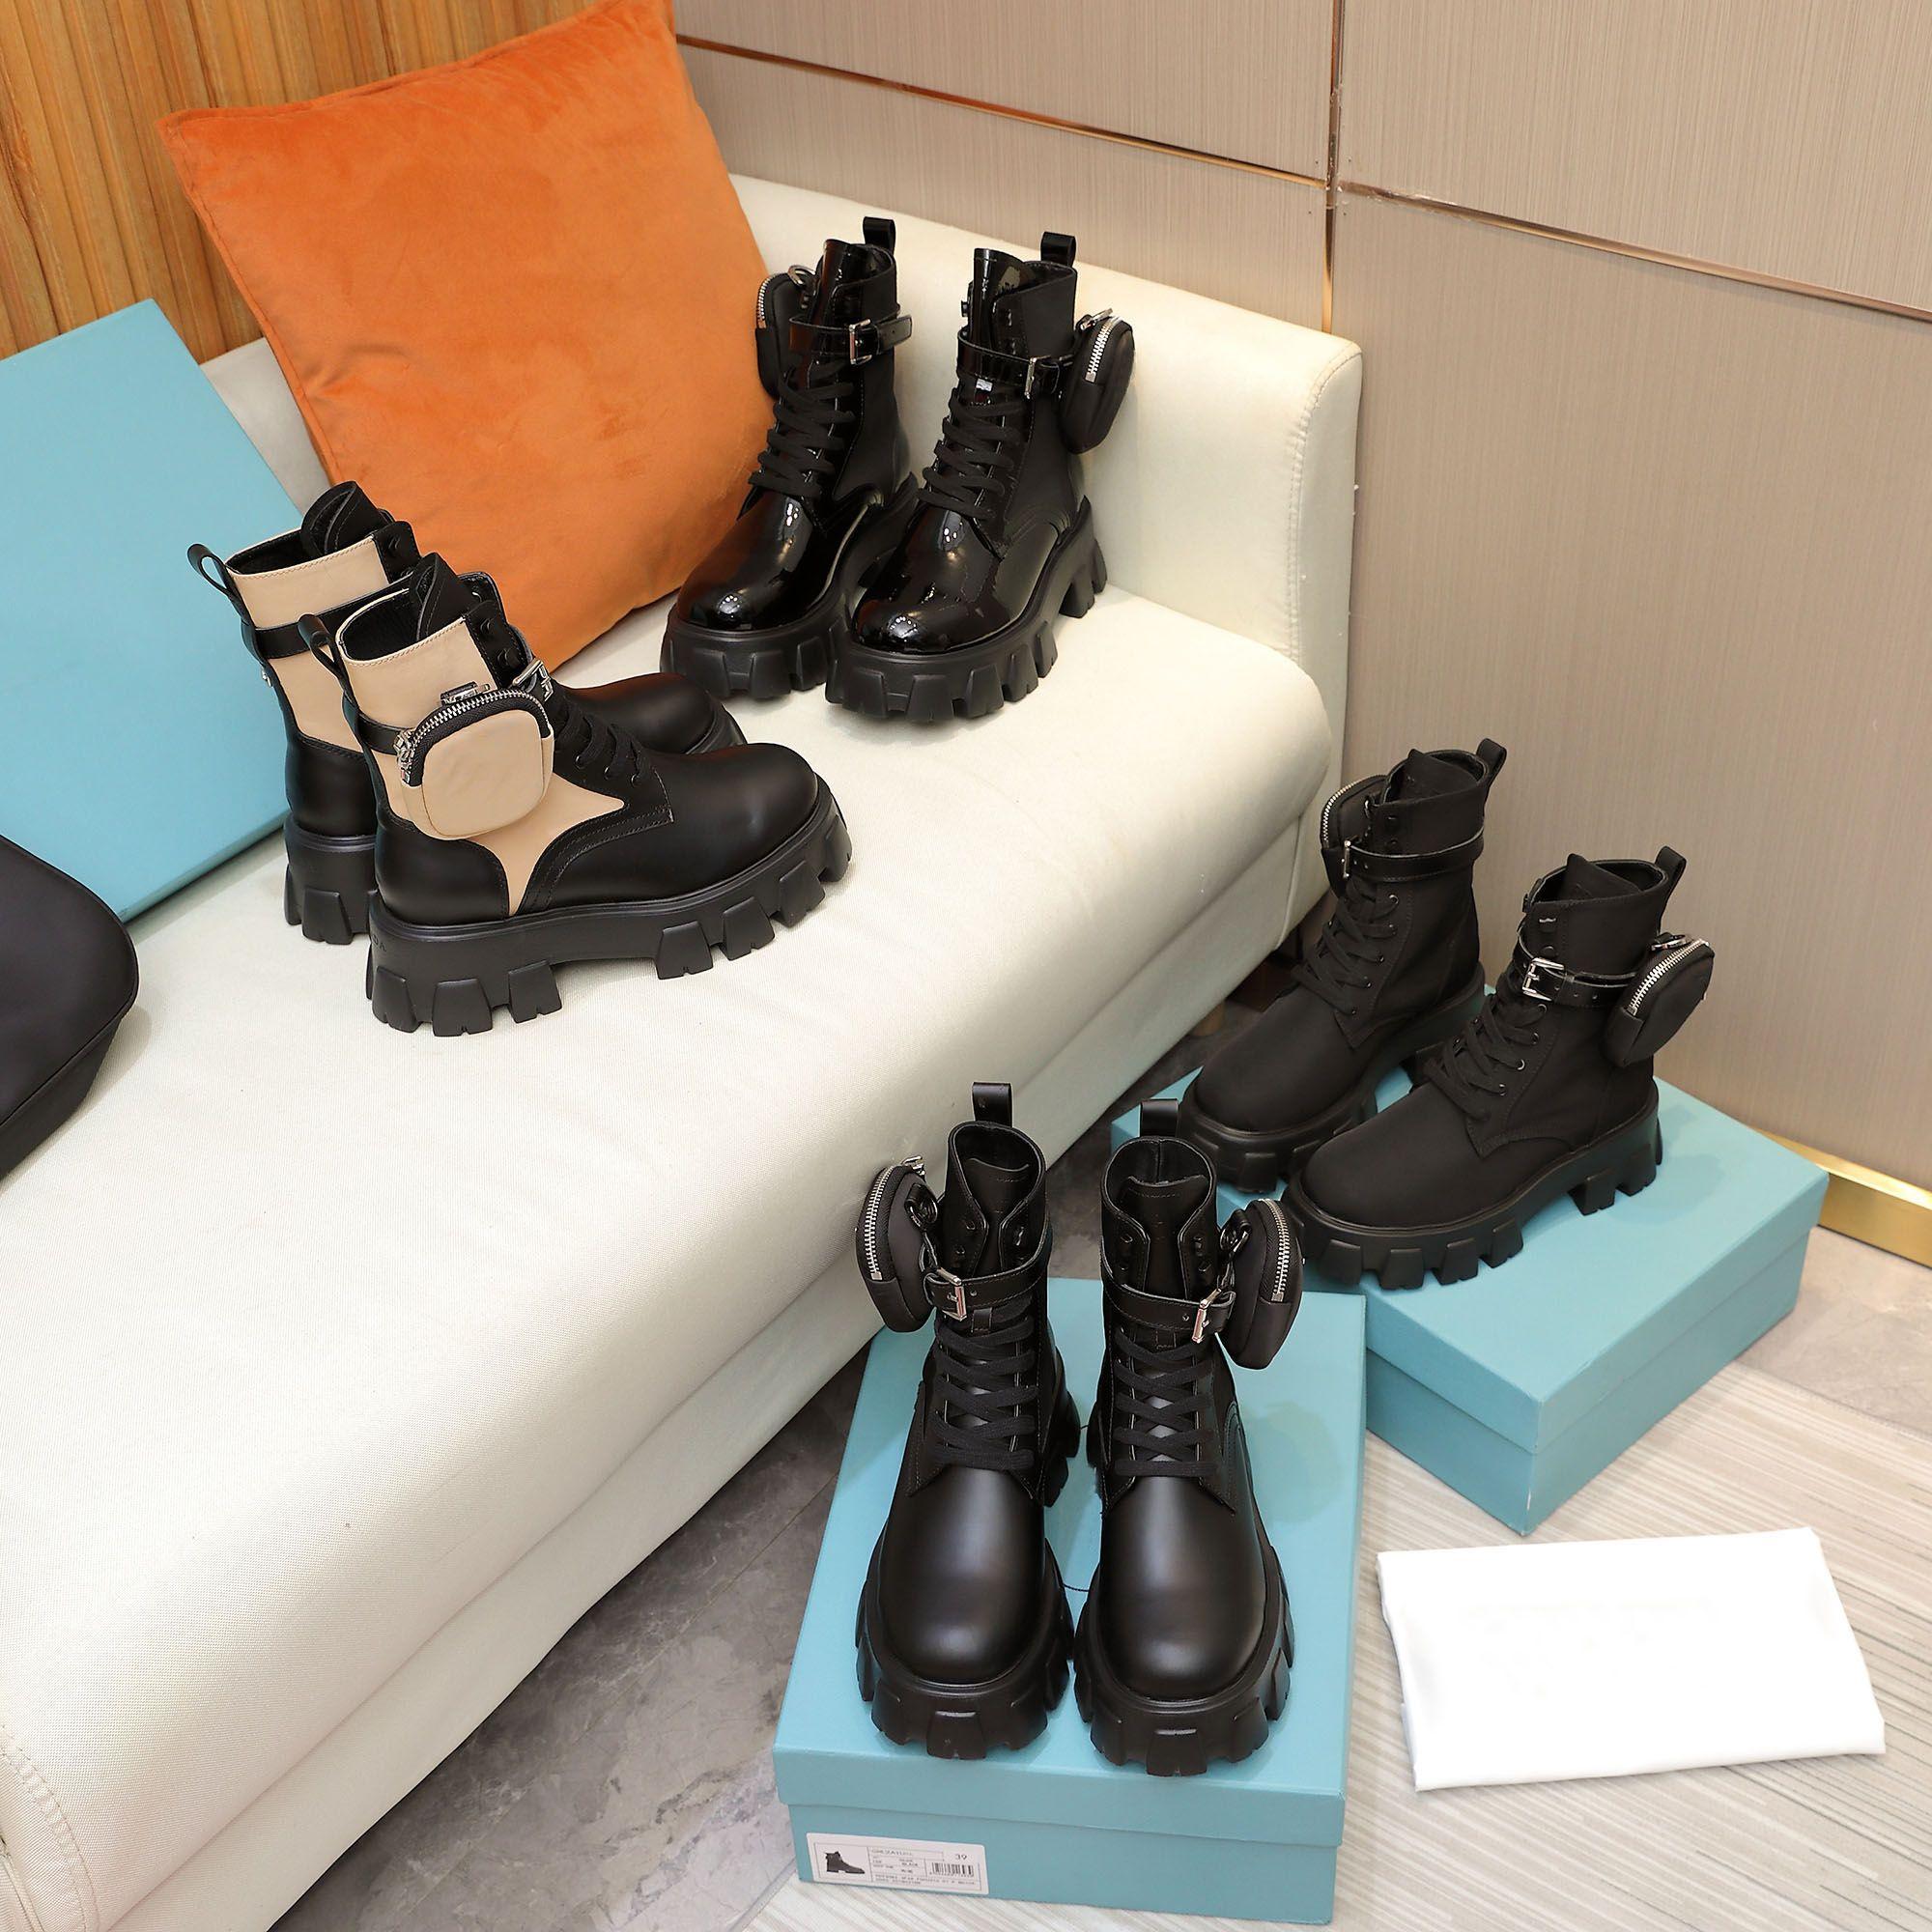 الكلاسيكية المرأة القتالية الأحذية الجلدية والنايلون الجوارب الأحذية القابلة للإزالة الحقيبة الأسود إرفاق الكاحل محركات التمهيد للمرأة الجوارب الحذاء في الهواء الطلق